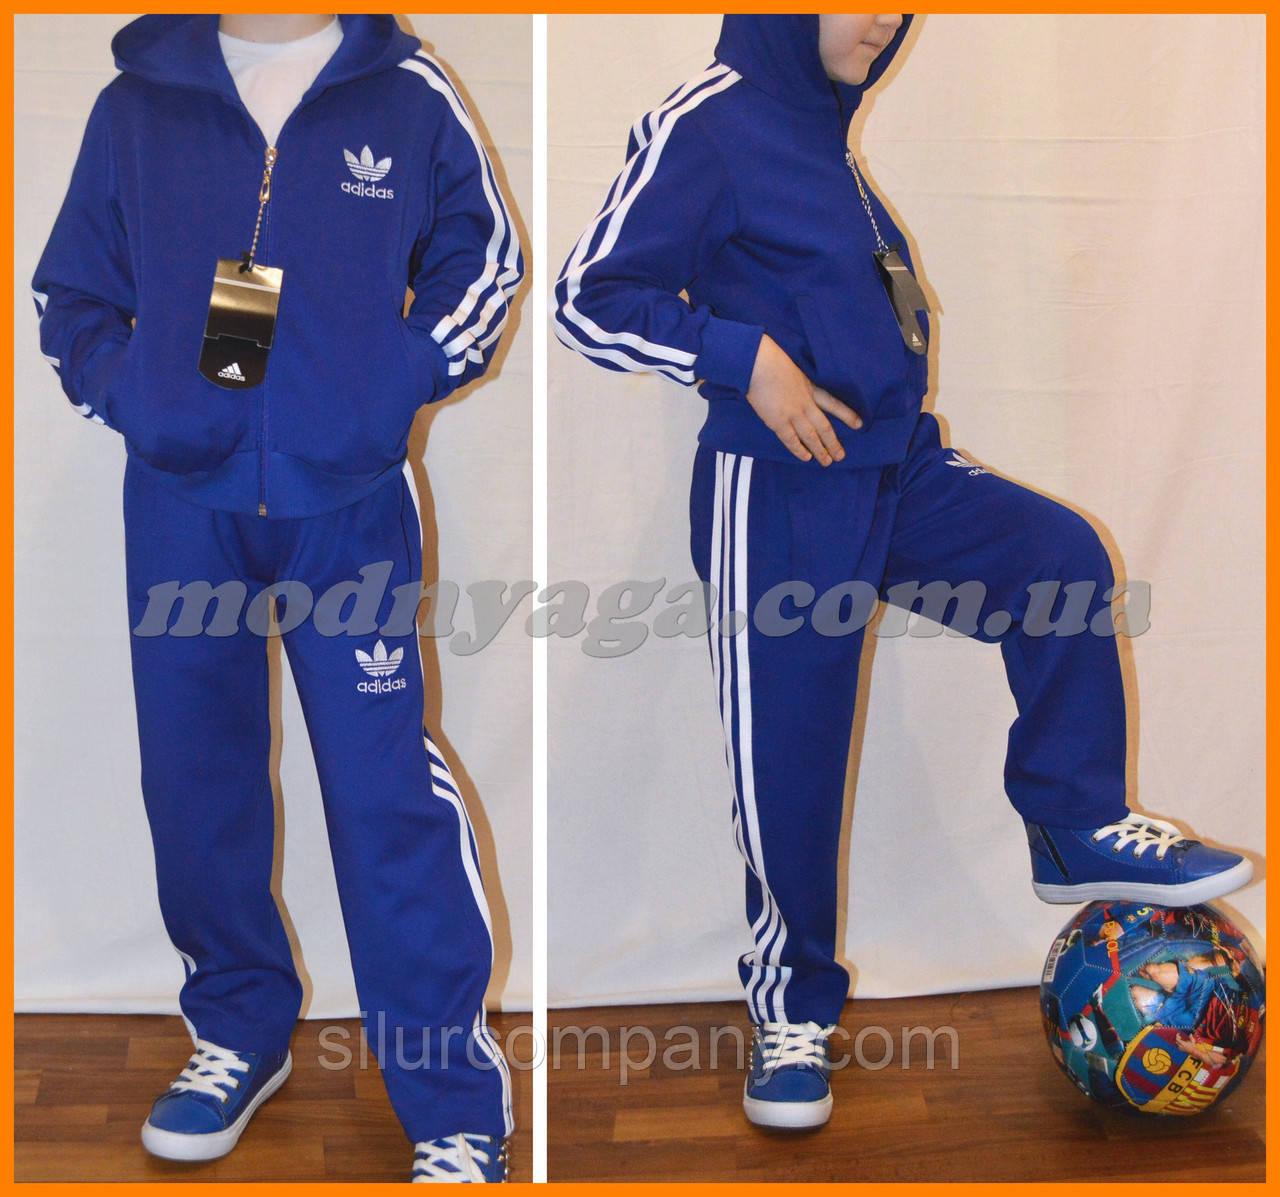 41598aaa Детские спортивные костюмы для мальчиков - Интернет магазин